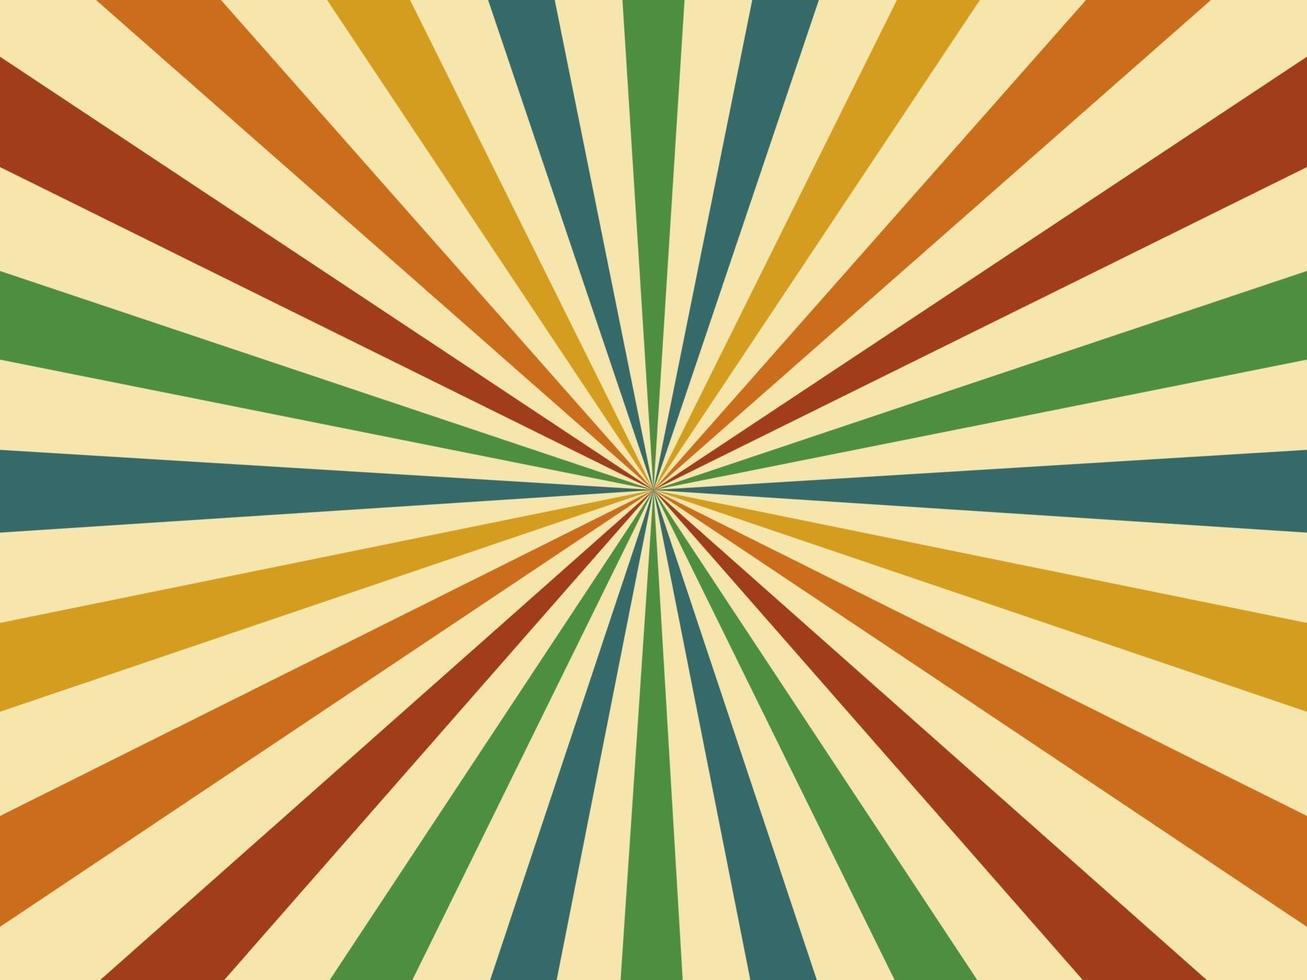 resumen. Fondo vintage geométrico colorido estilo retro de los años 60. vector. ilustración. vector